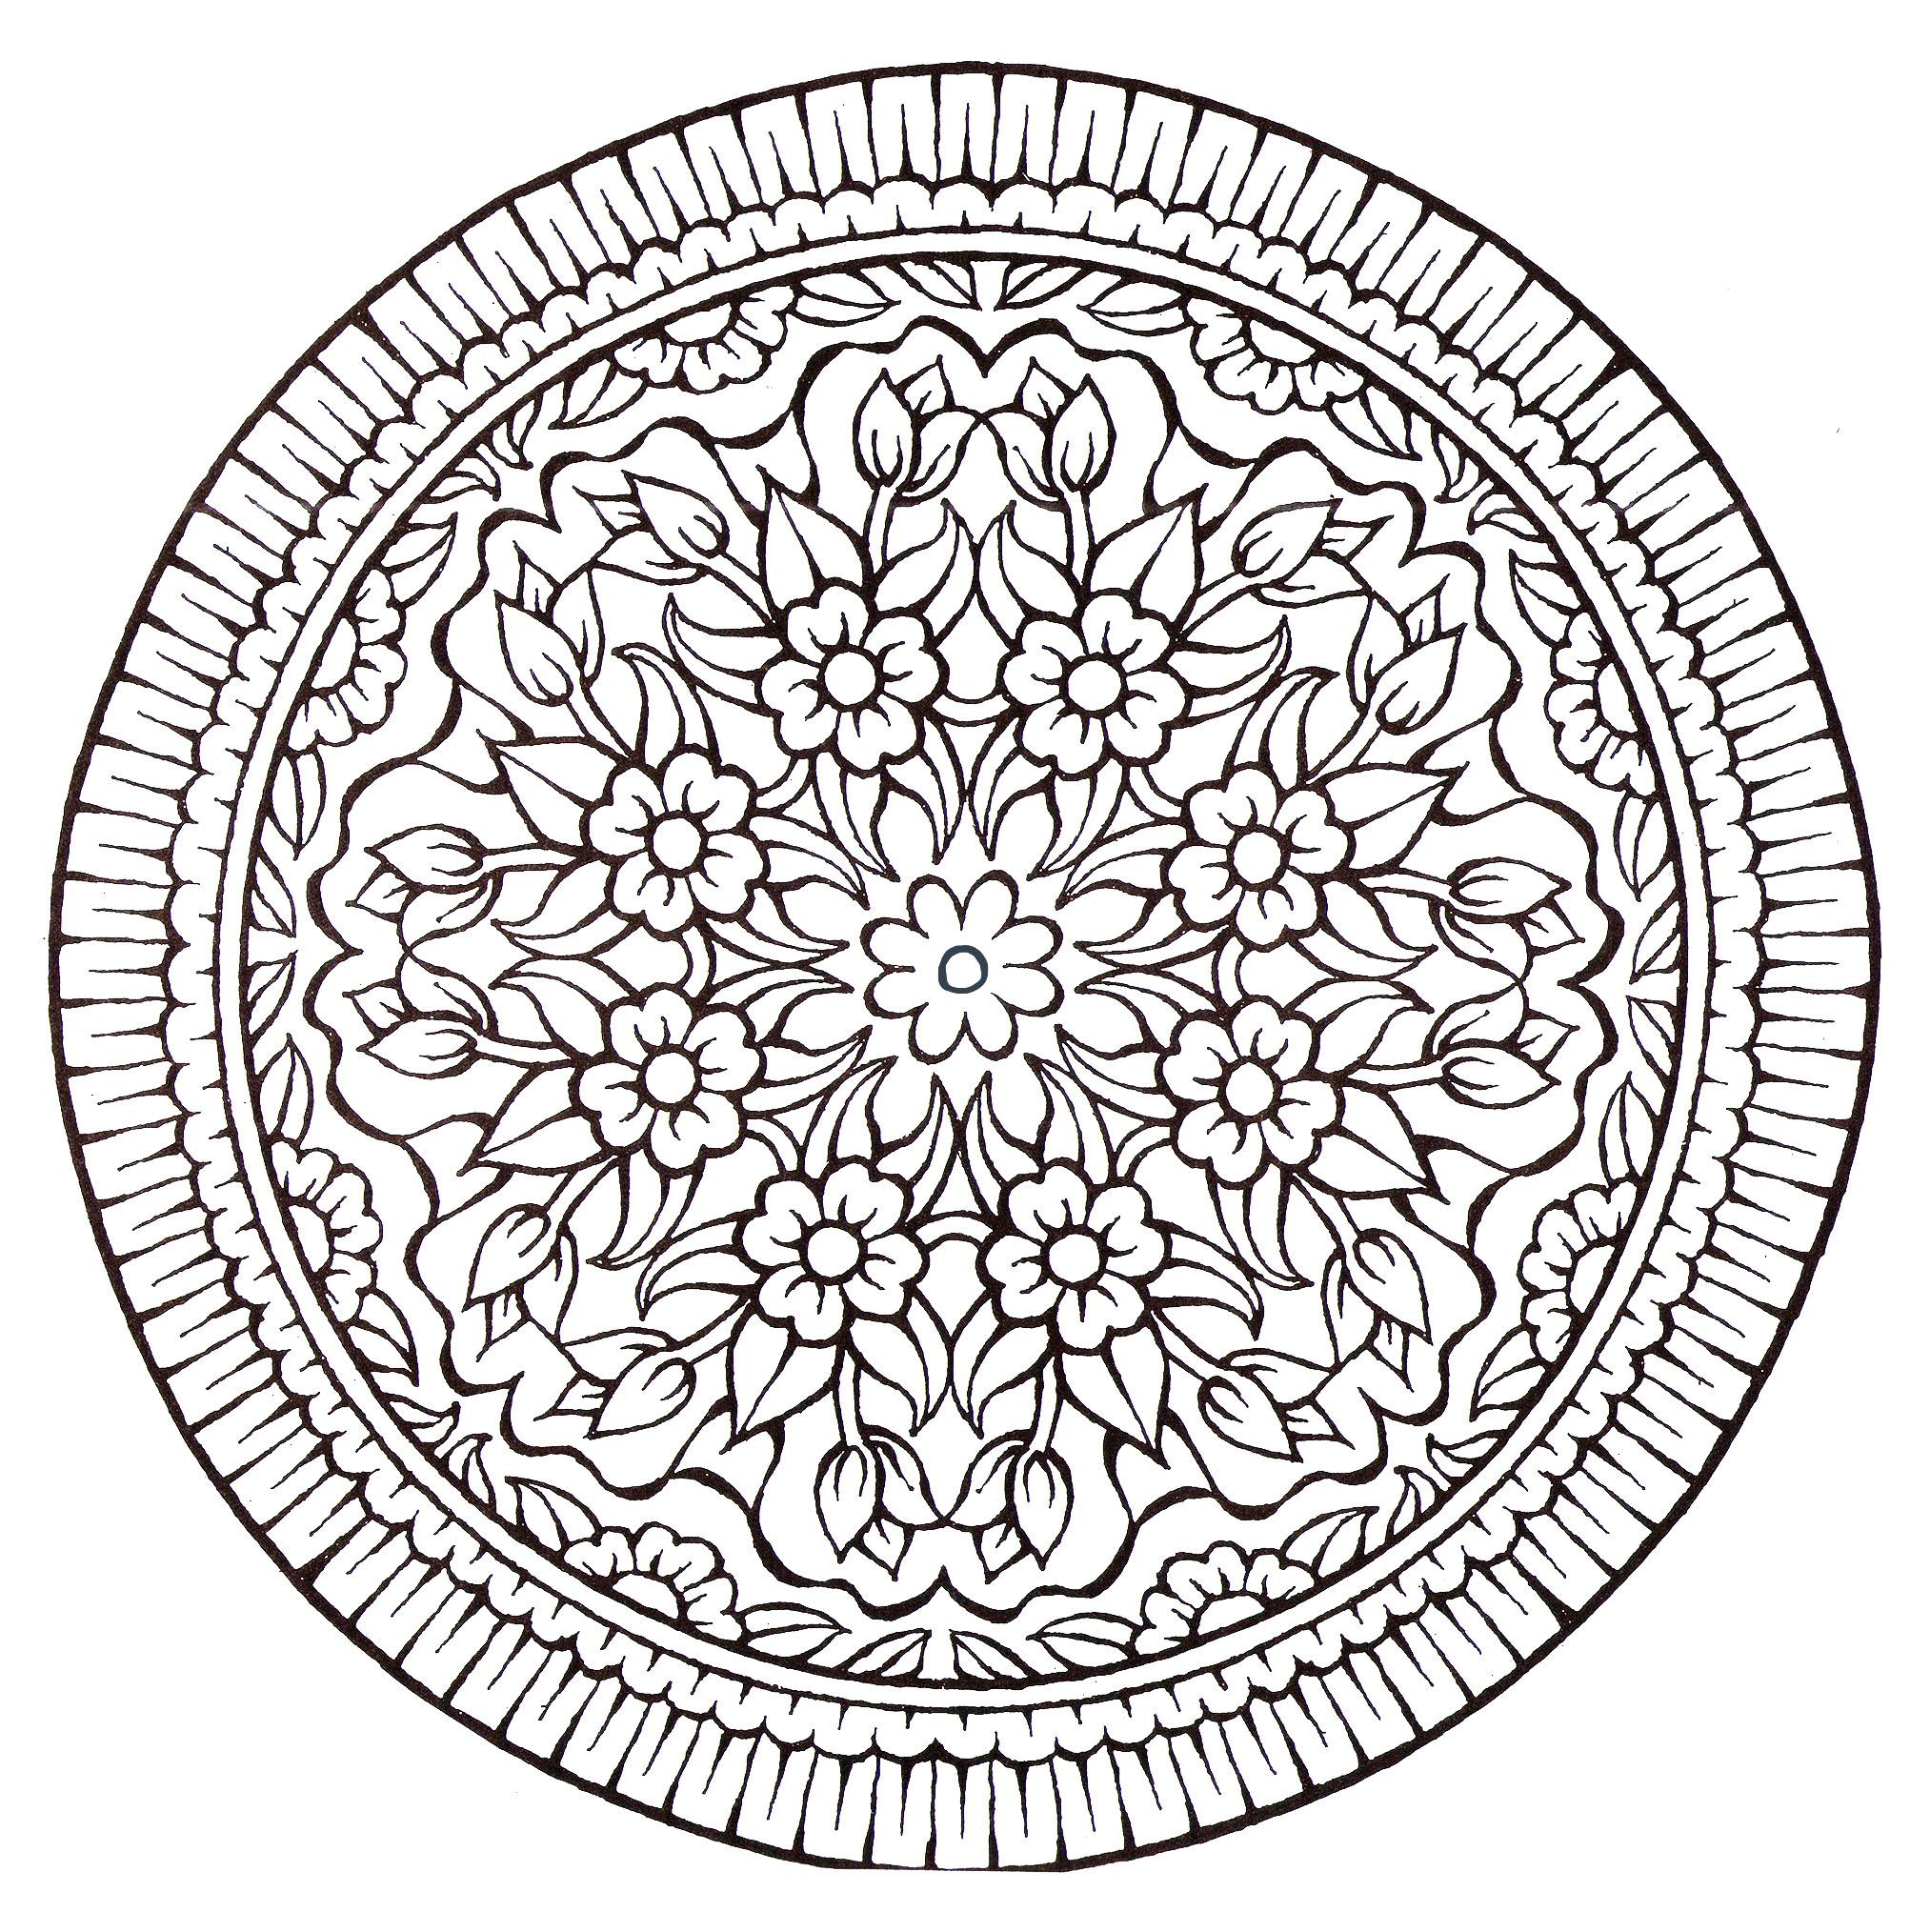 Mandala fleurs vintage coloriage mandalas coloriages pour enfants - Coloriages mandalas fleurs ...